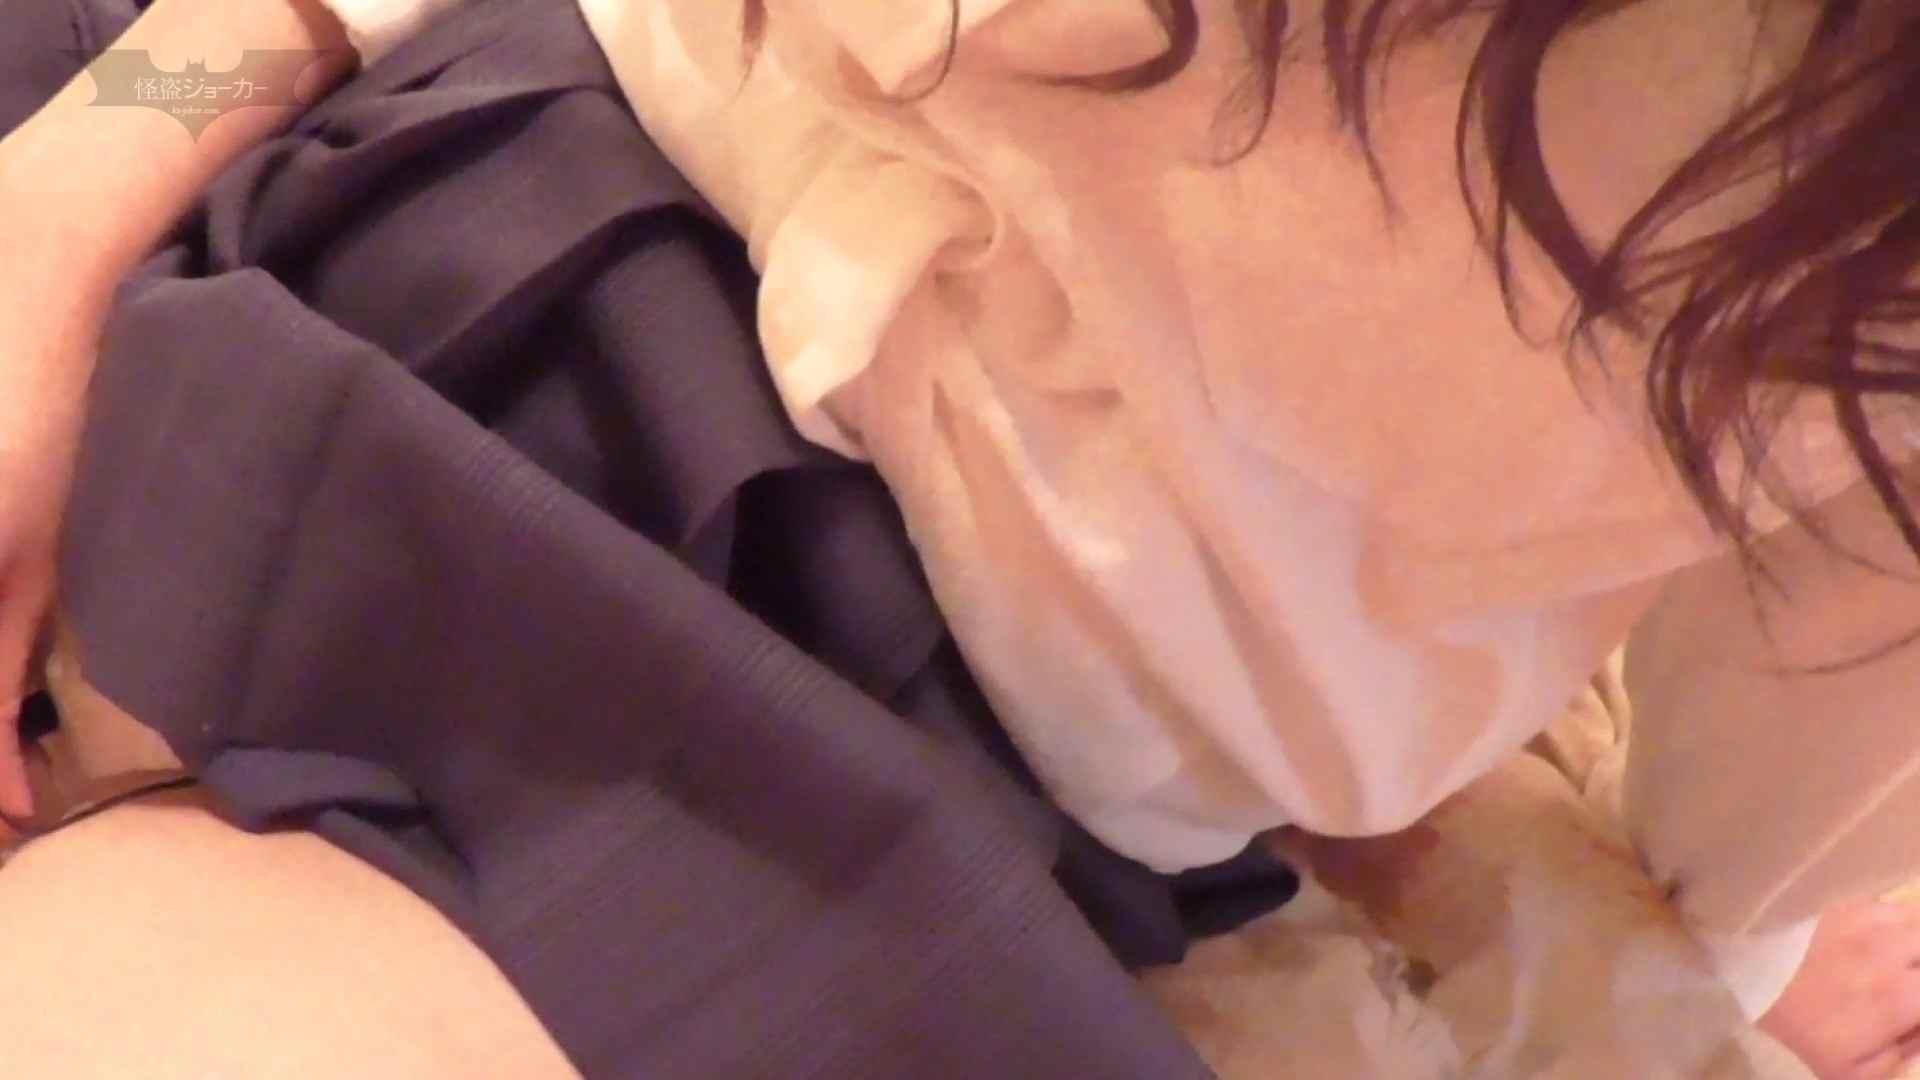 パンツを売る女 Vol.18 最近のSEIFUKUは話が早いっ!舐めるの上手いっ OL女体  60連発 24